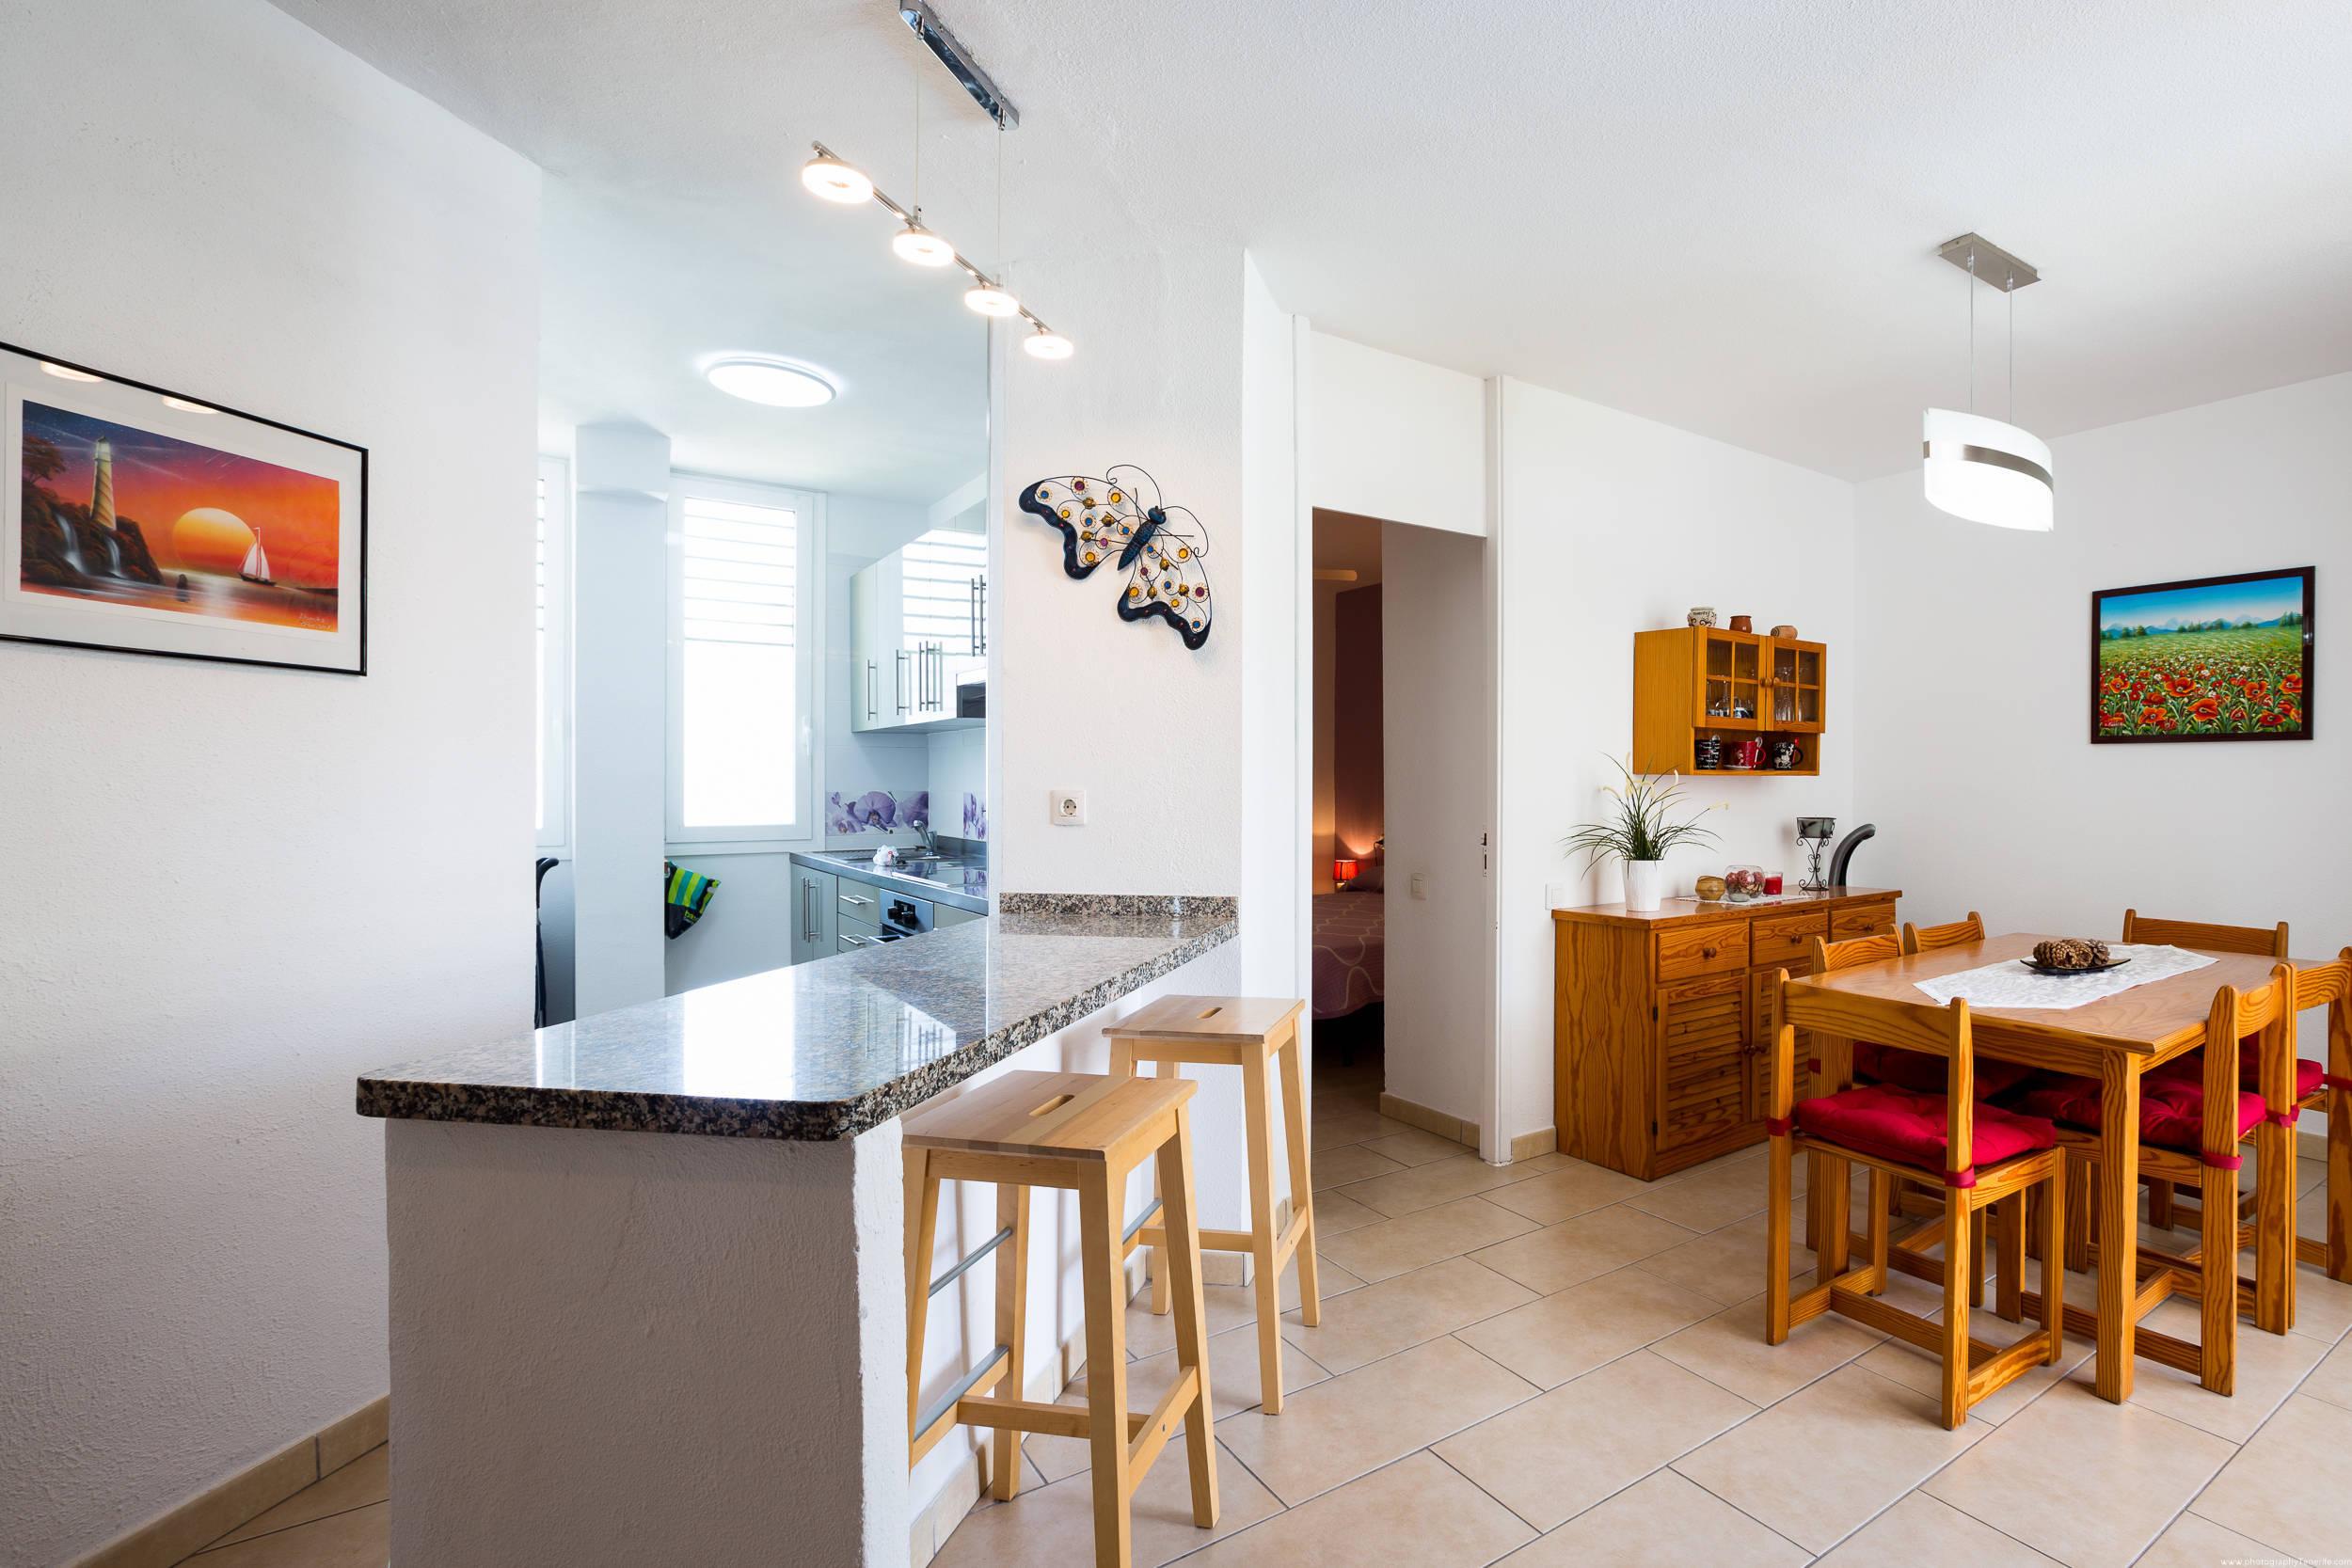 apartamento 2 dormitorios Optimist TLV1 Tenerife Vacances 2019 2 1